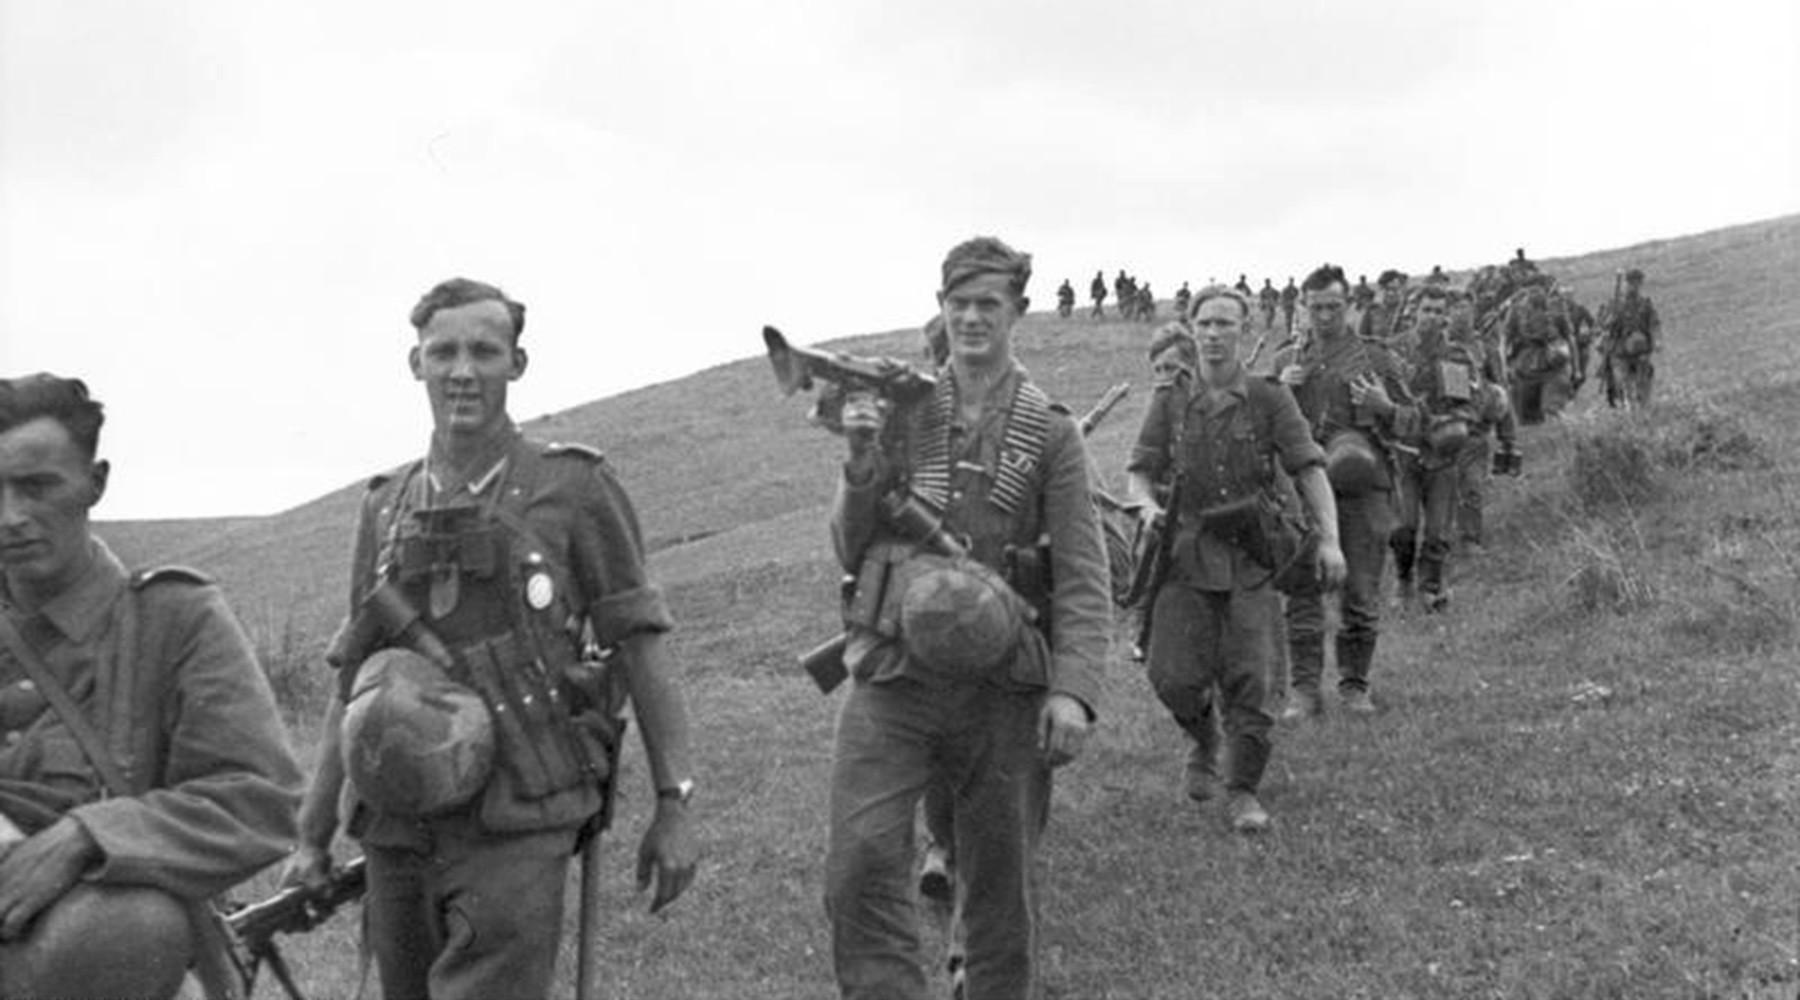 5a6c7528370f2c8d4f8b45db «23 немца были убиты, остальные в панике бежали»: как советский солдат смог в одиночку расправиться с отрядом фашистов